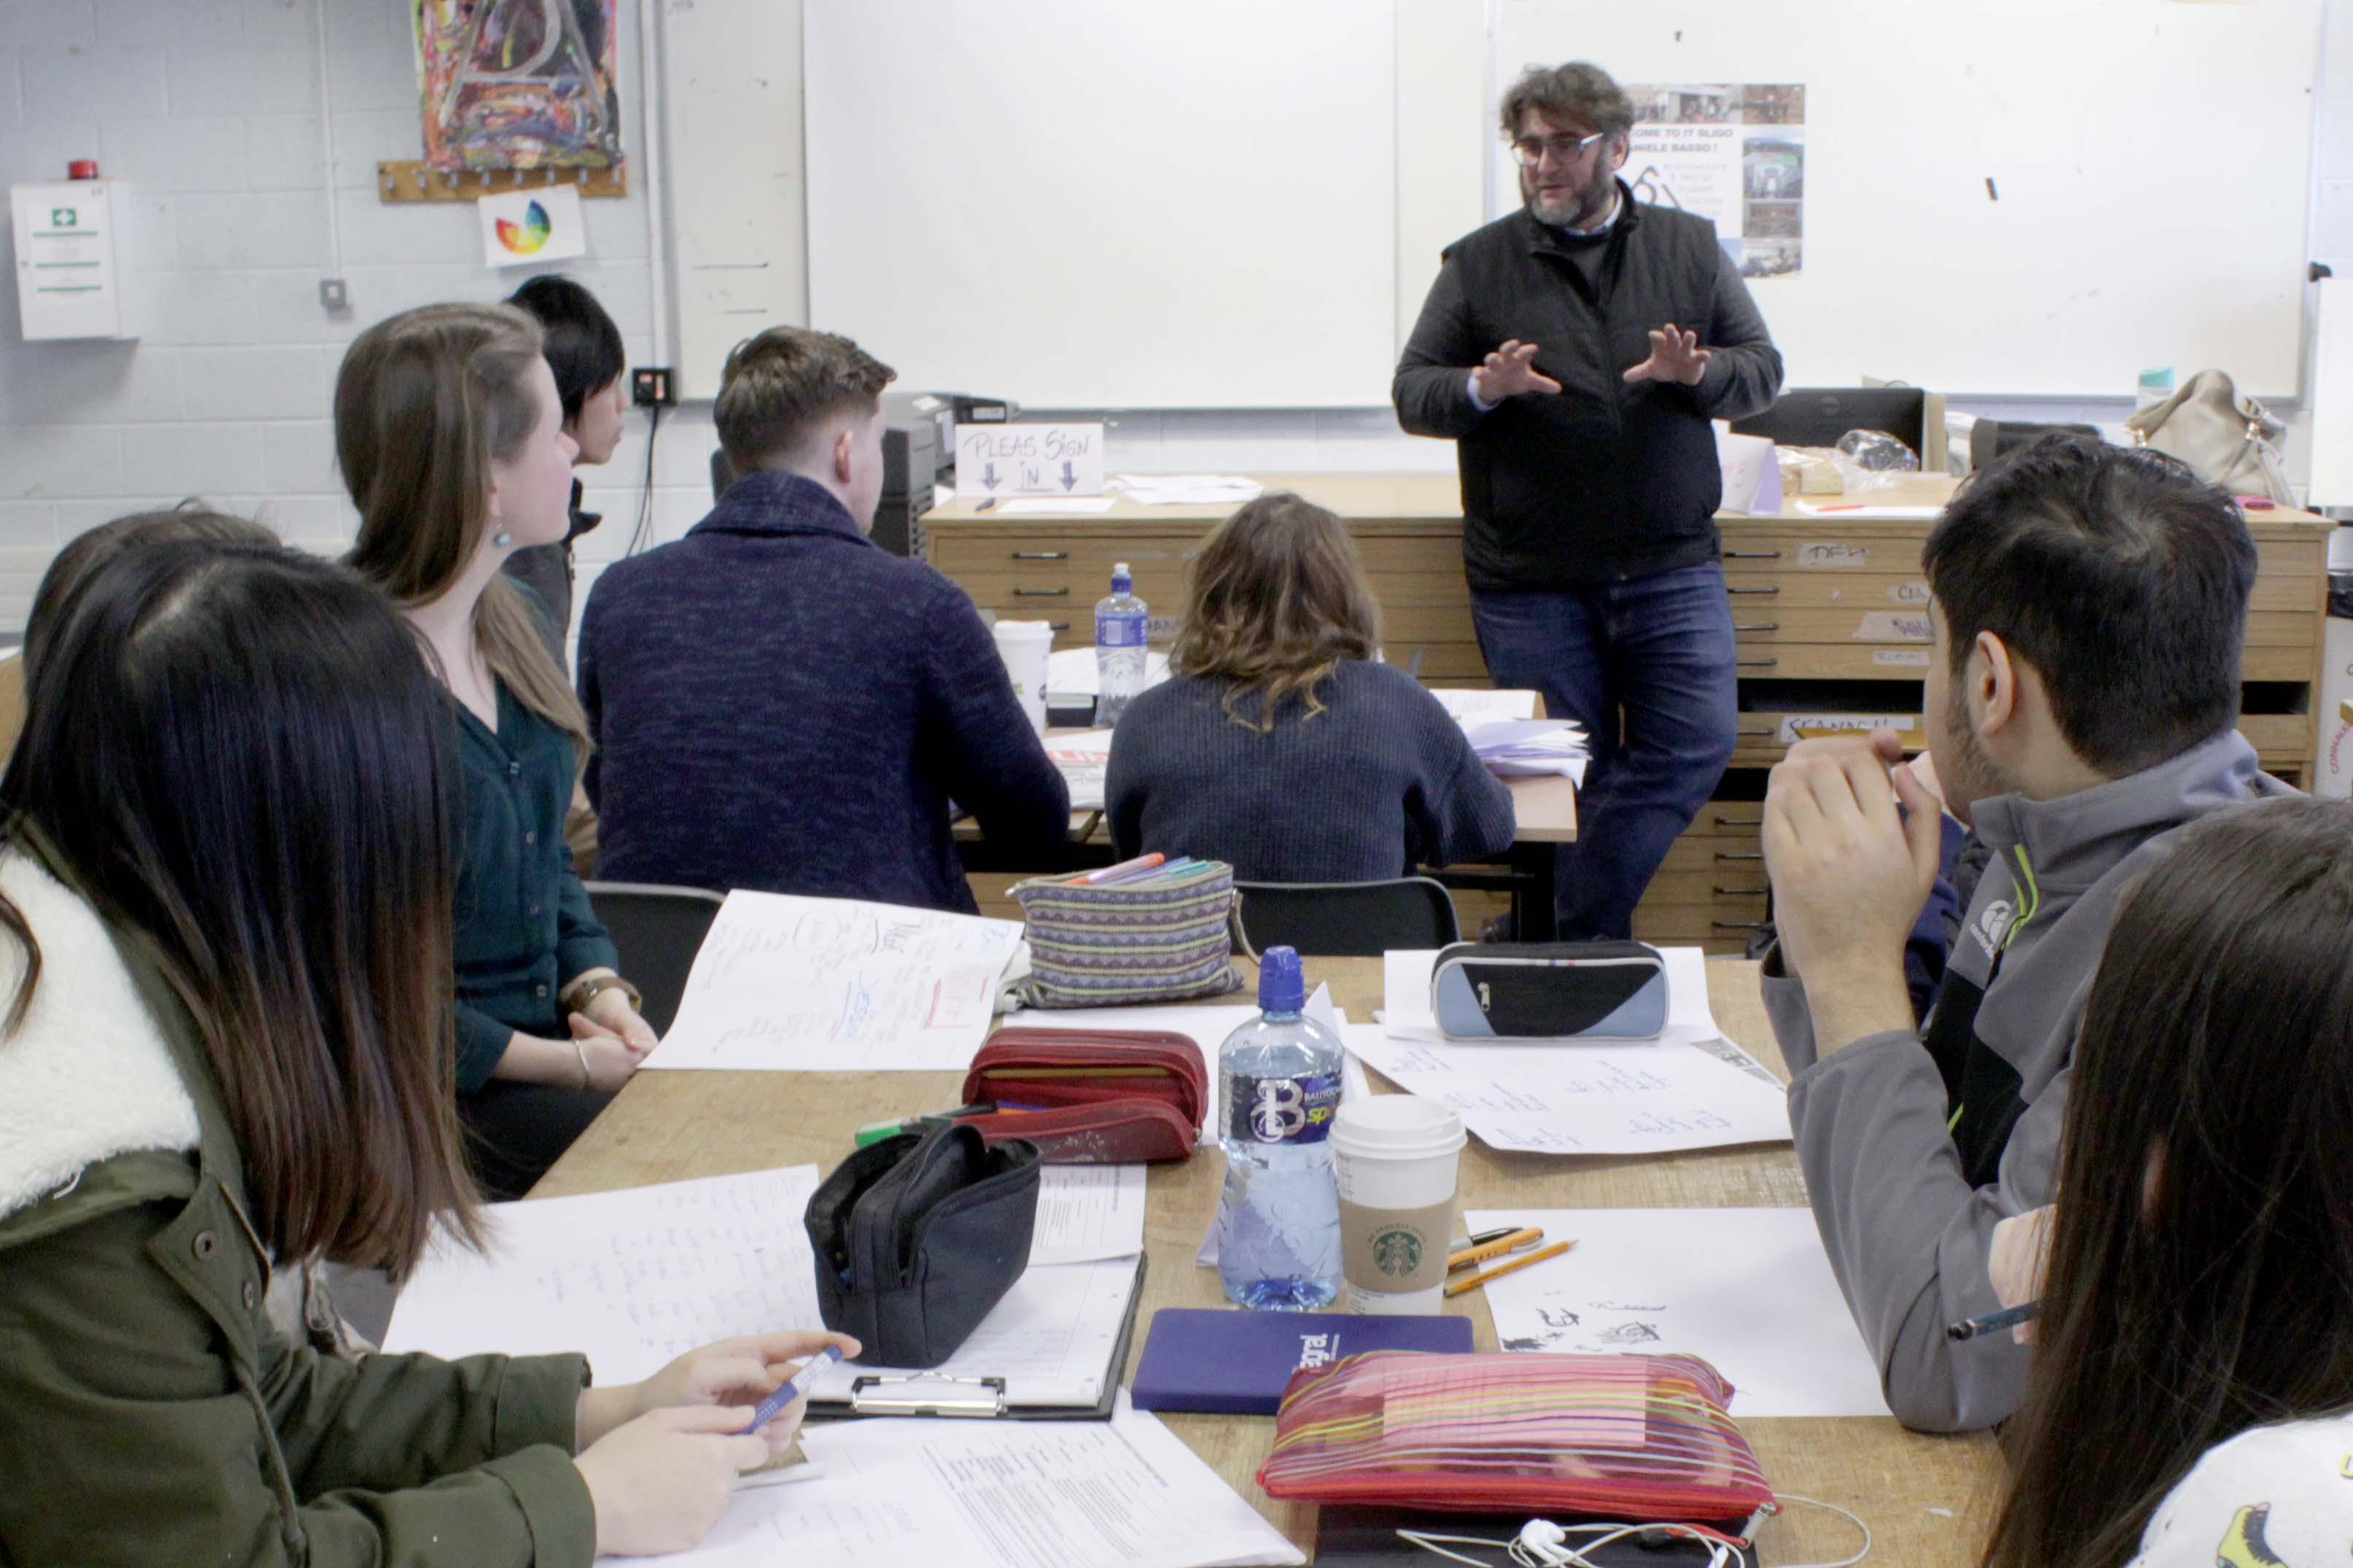 Daniele Basso lezione al College in Irlanda Workshop d'Arte per potenziare Creative Thinking e Problem Solving.